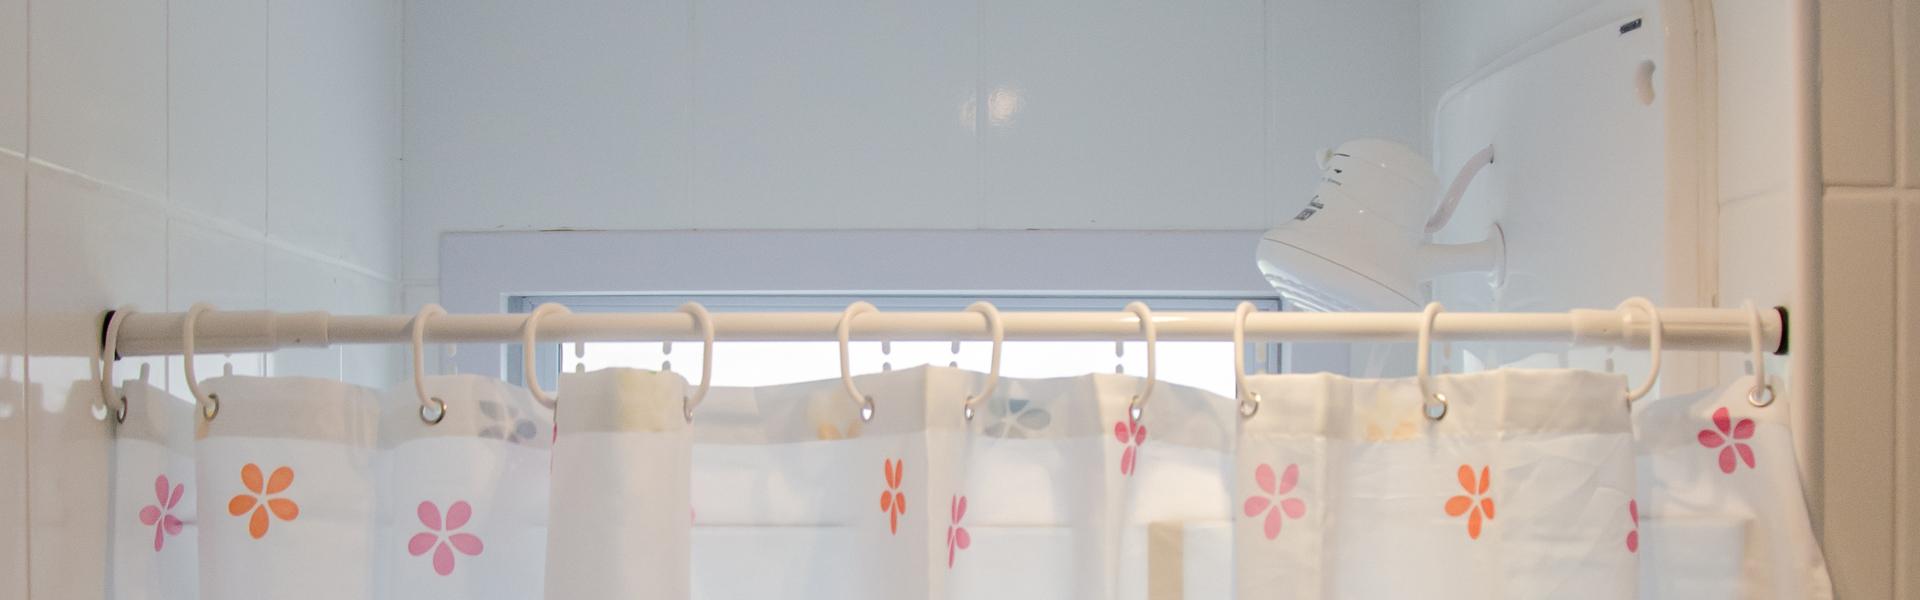 Banheiro - Cortina, Varão e Espelho